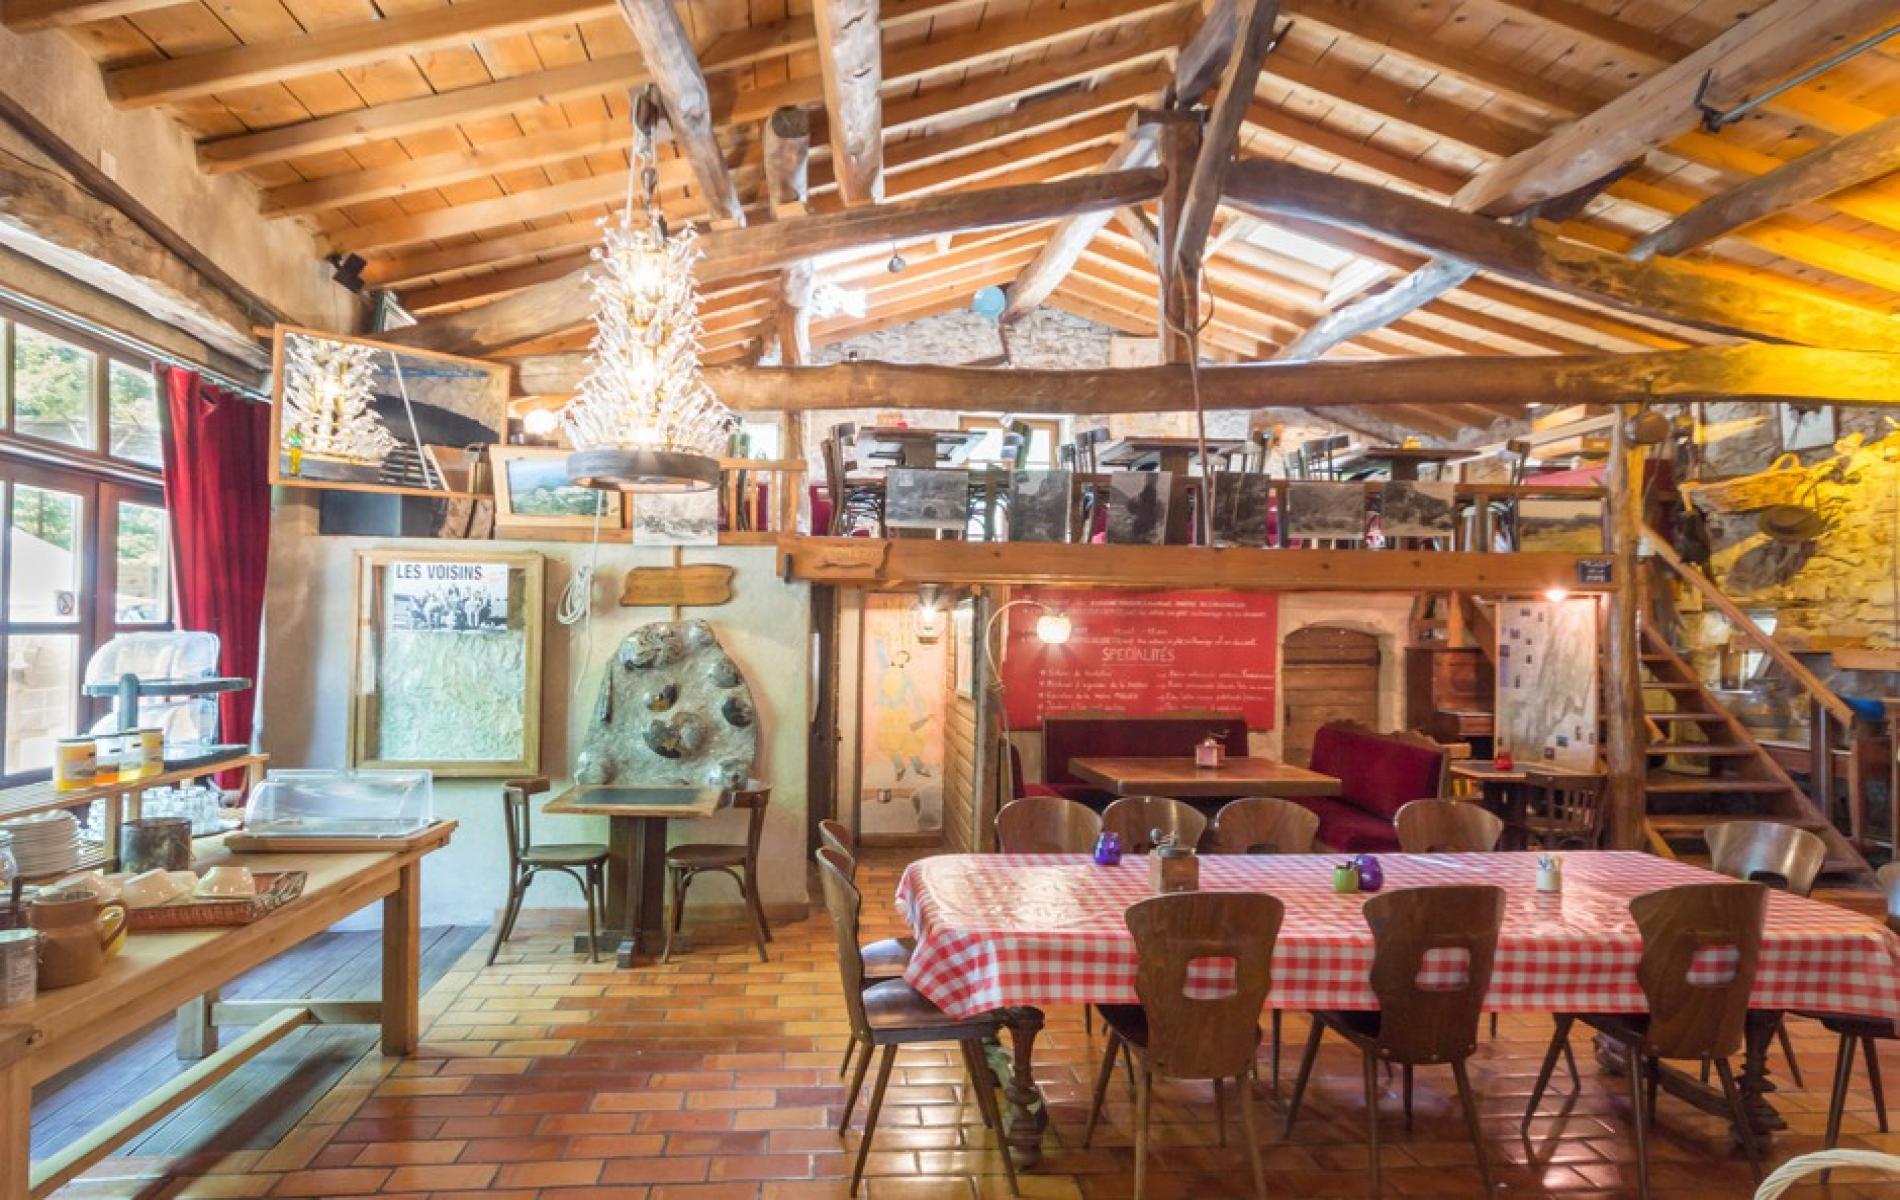 Restaurant hôtel crest vercors vallée de la drôme